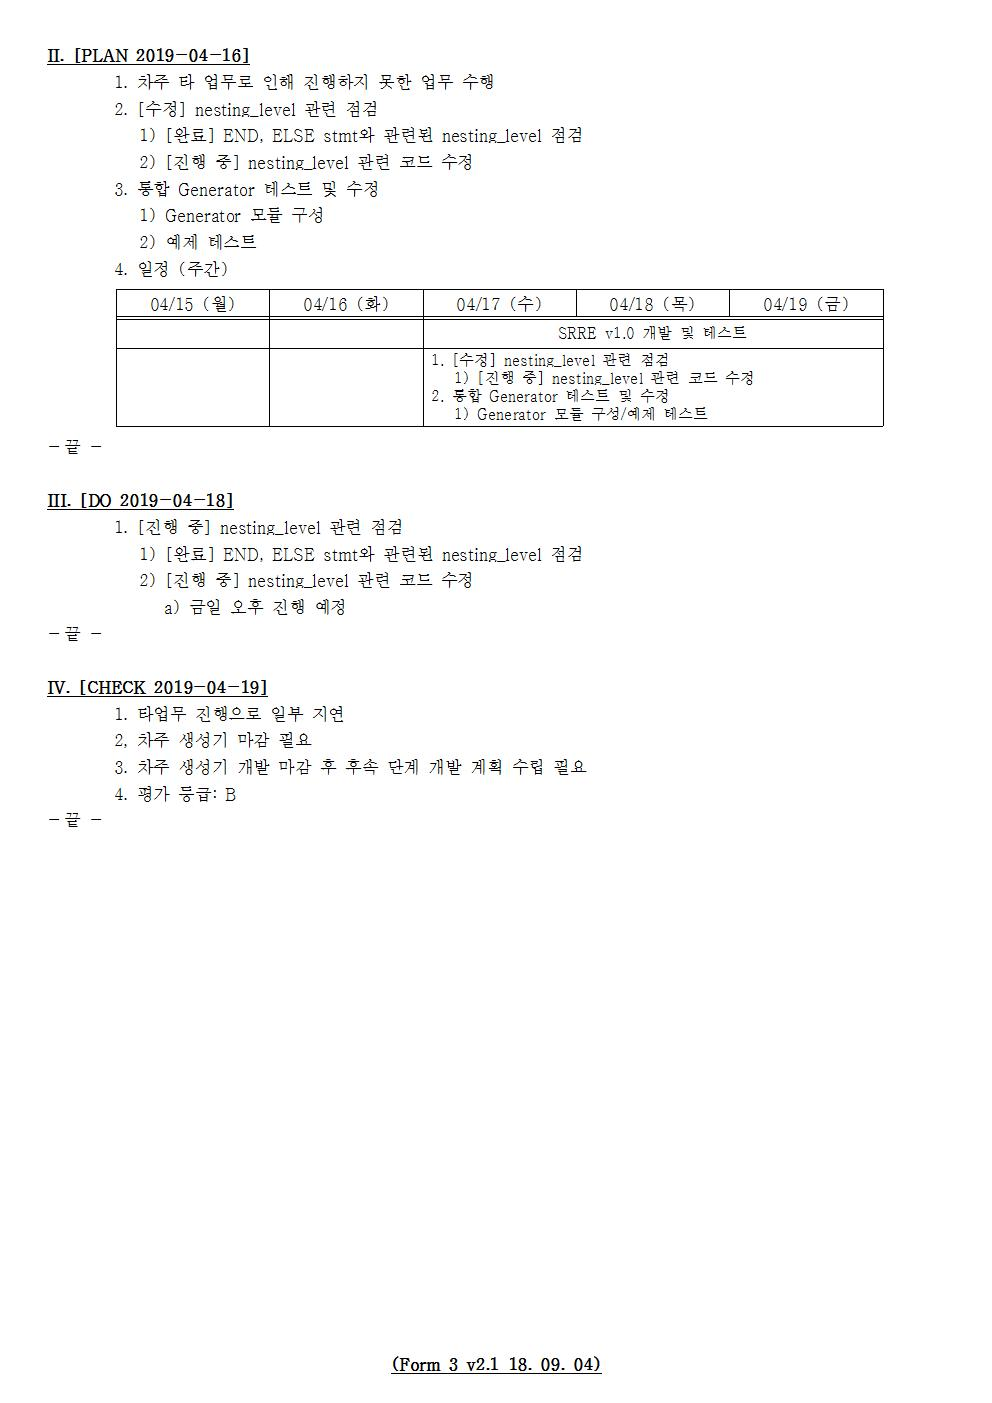 D-[19-003-RD-03]-[Tool-SRRE-1.X]-[2019-04-19][JS]002.jpg